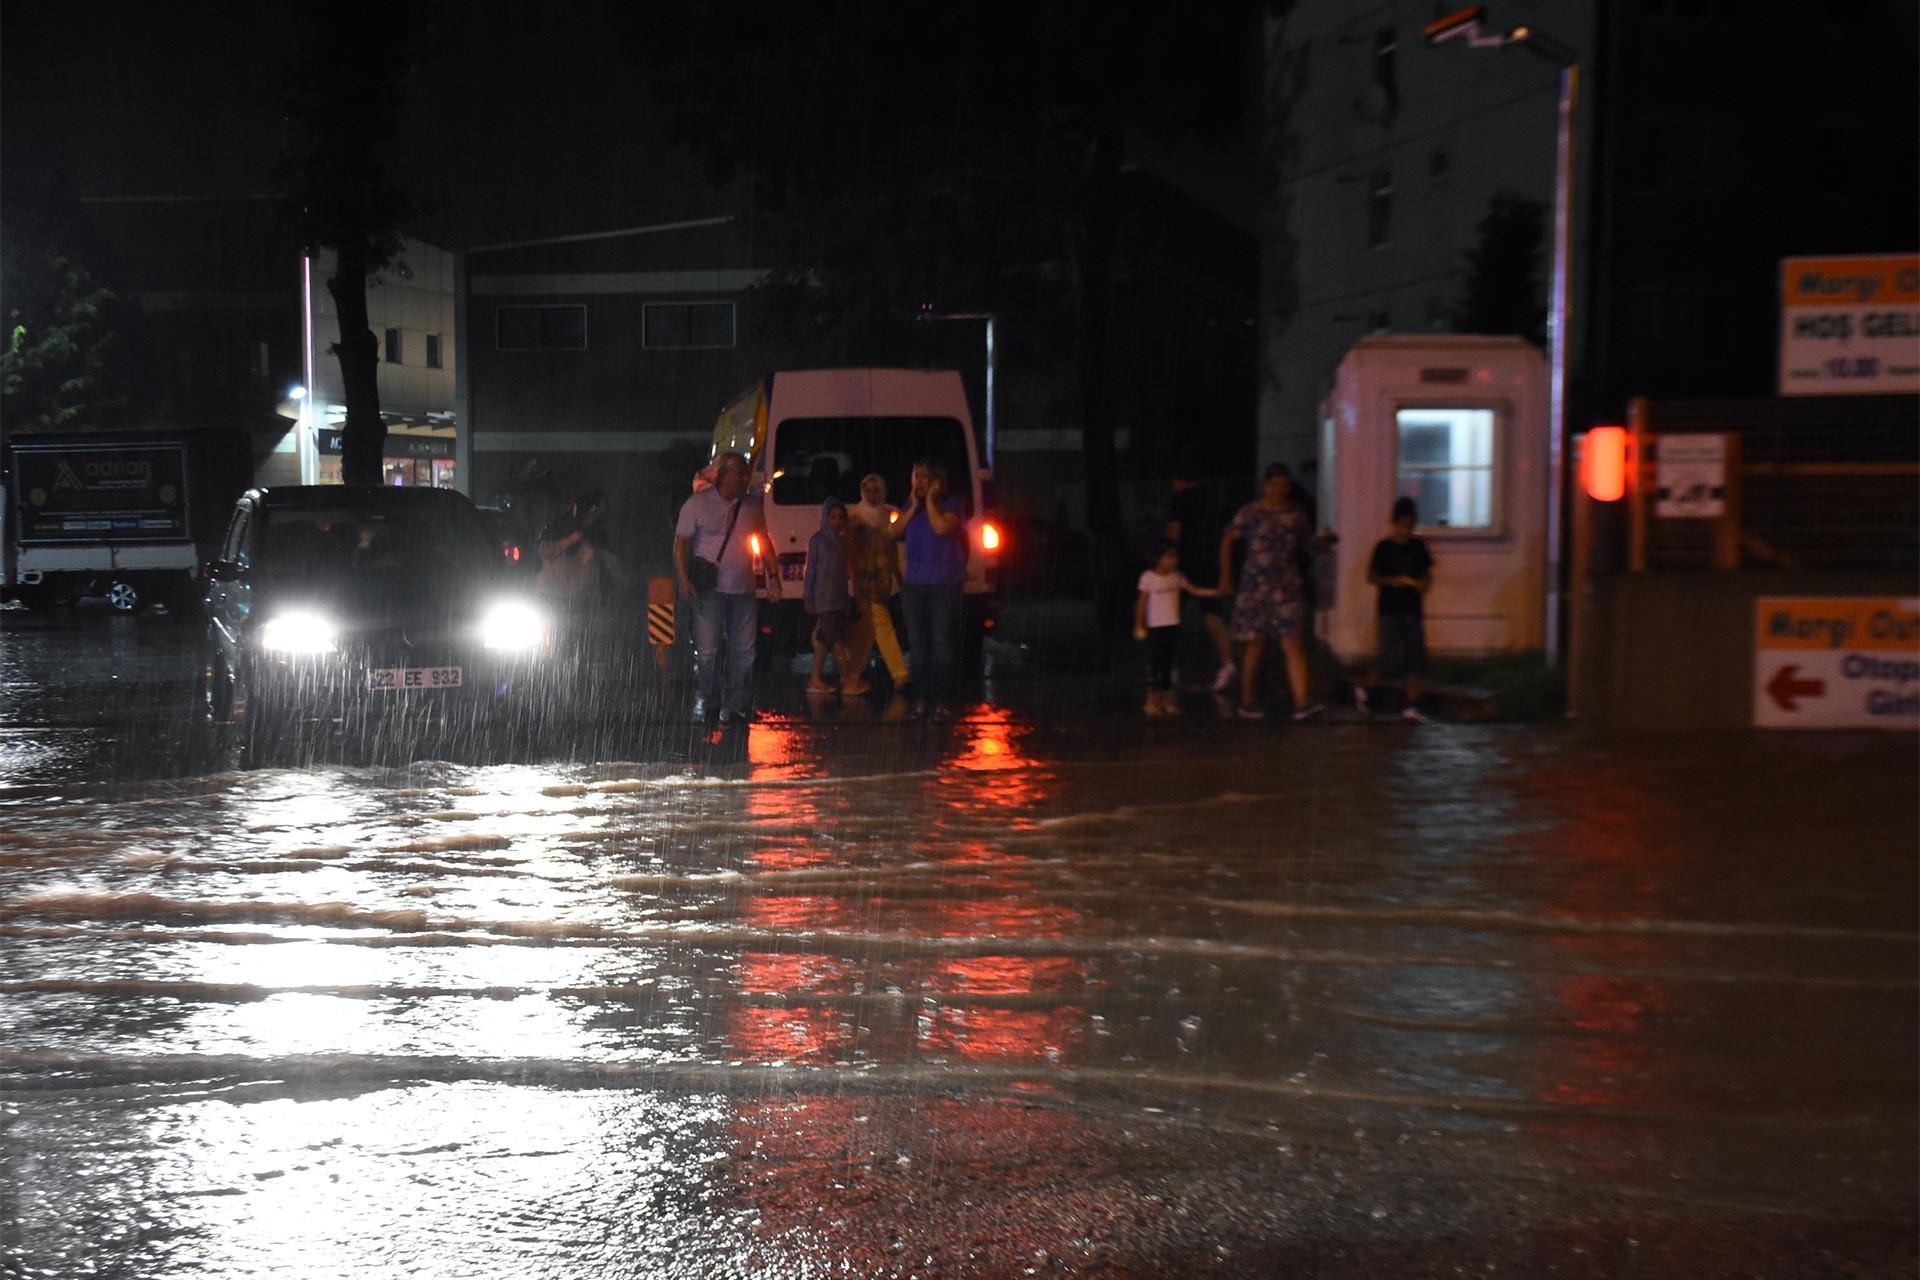 Kocaeli ve Edirne'de sağanak etkili oldu: Ev ve iş yerlerini su bastı